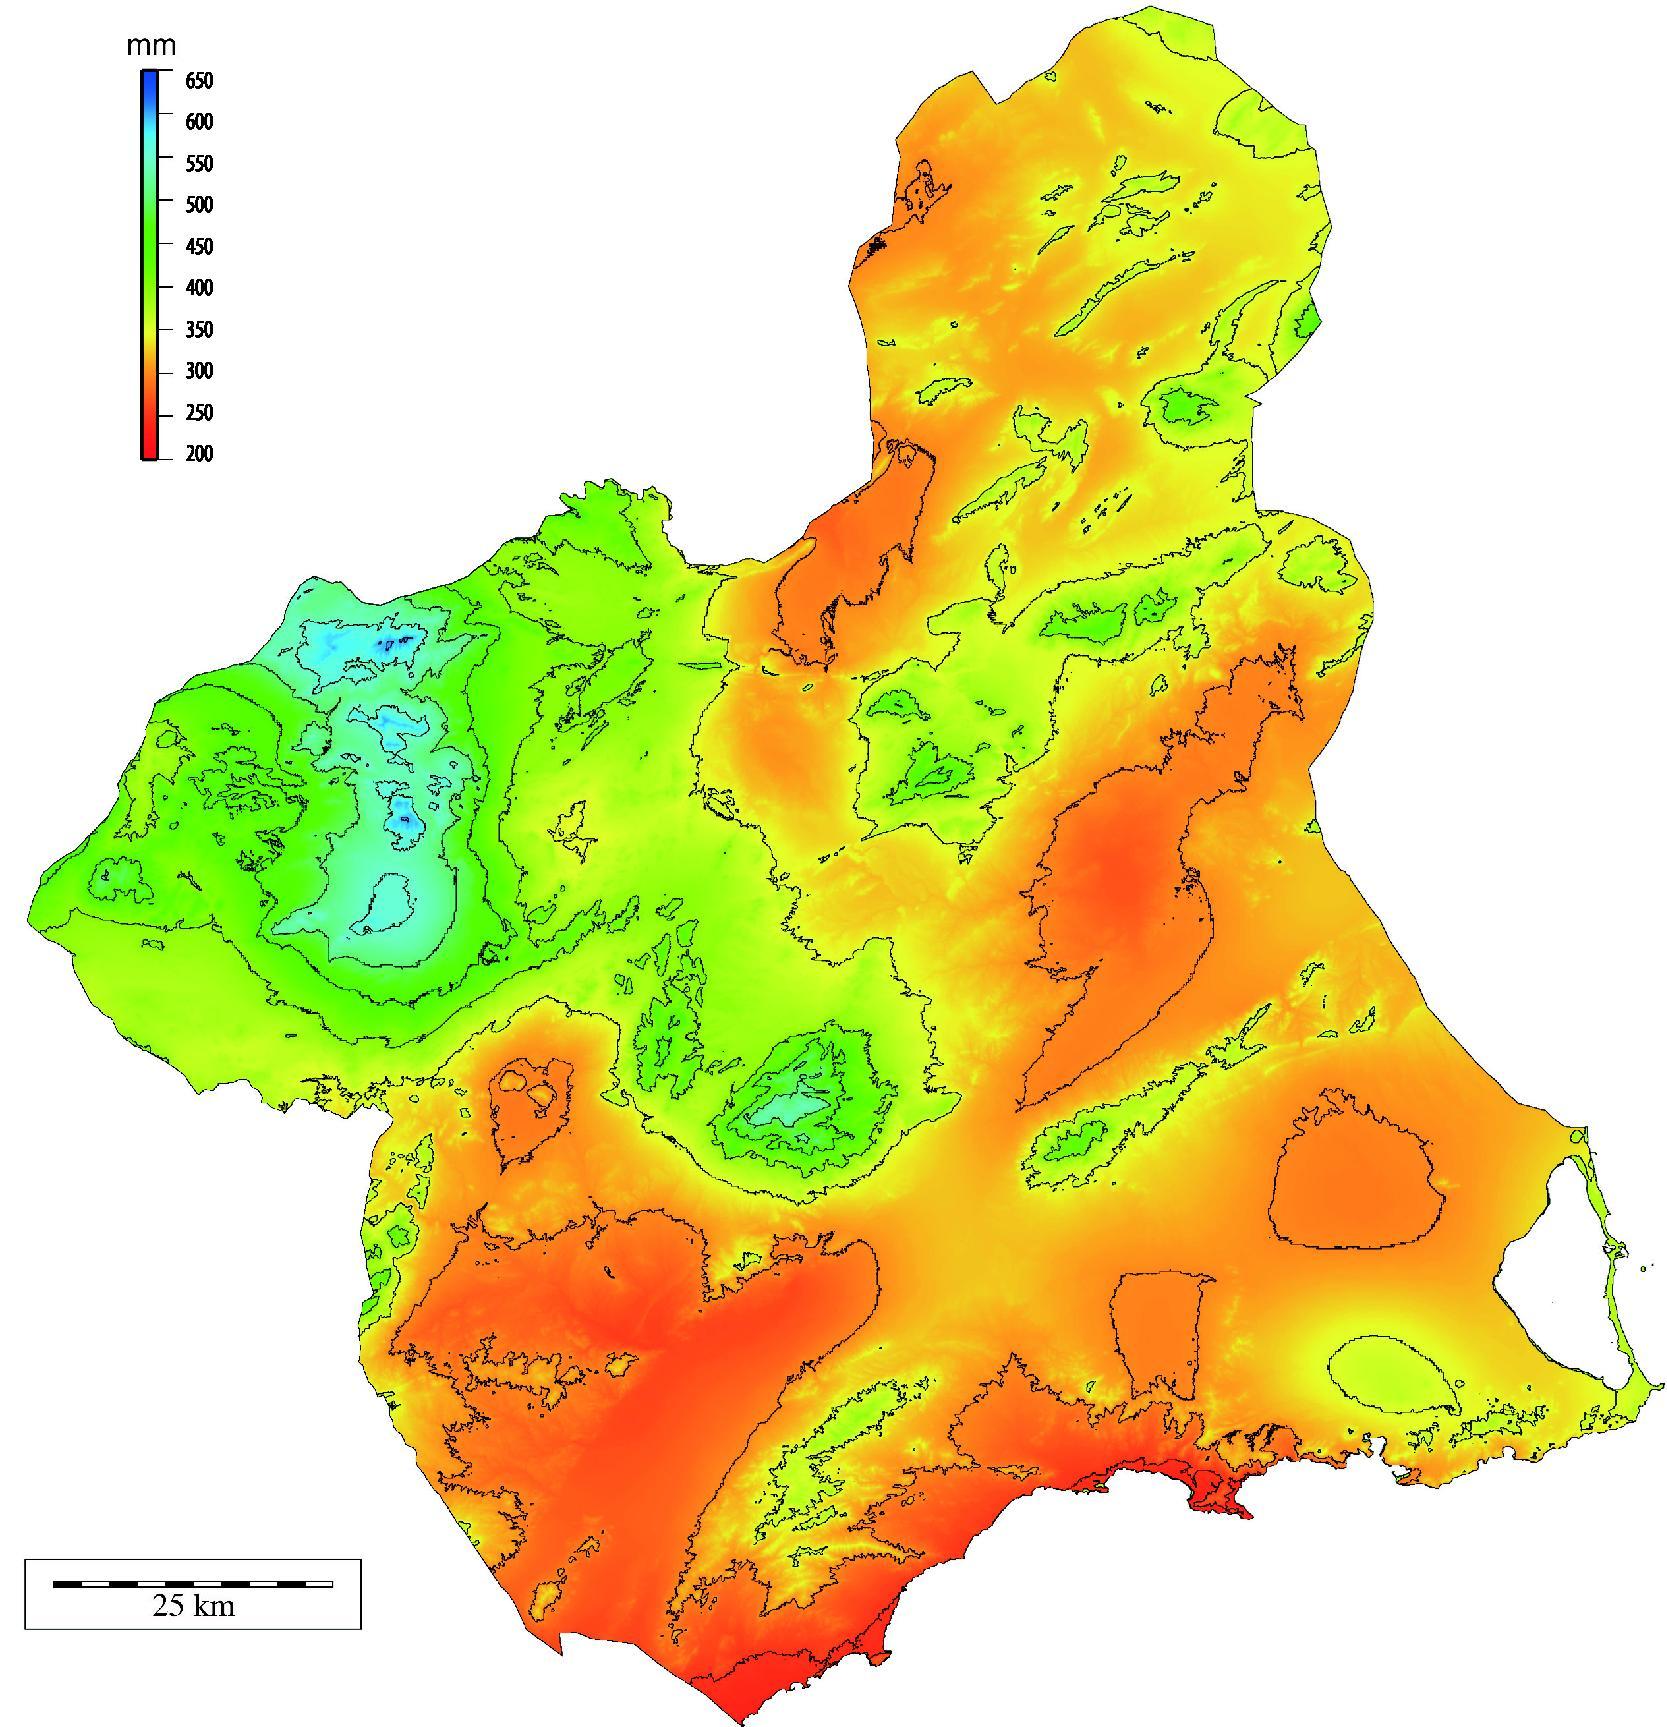 Precipitación media anual de la Región de Murcia